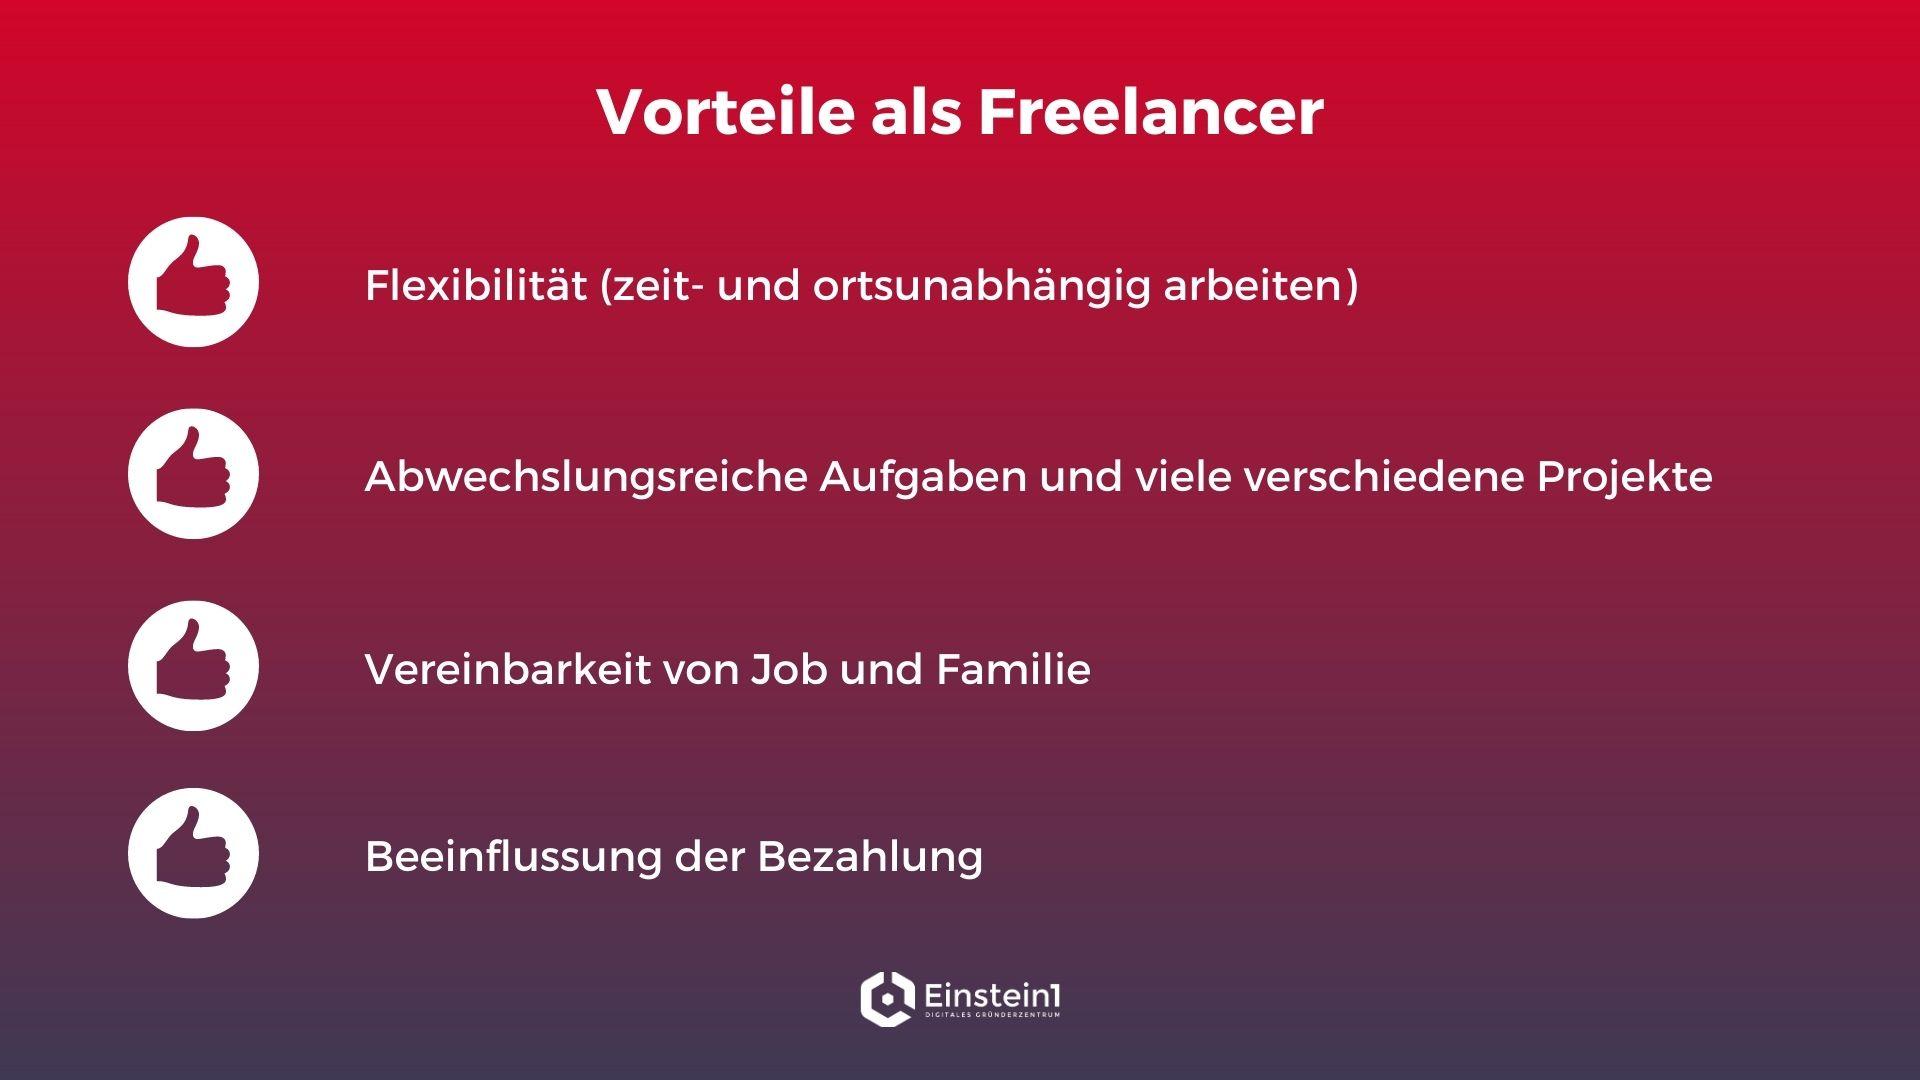 Vorteile-als-freelancer